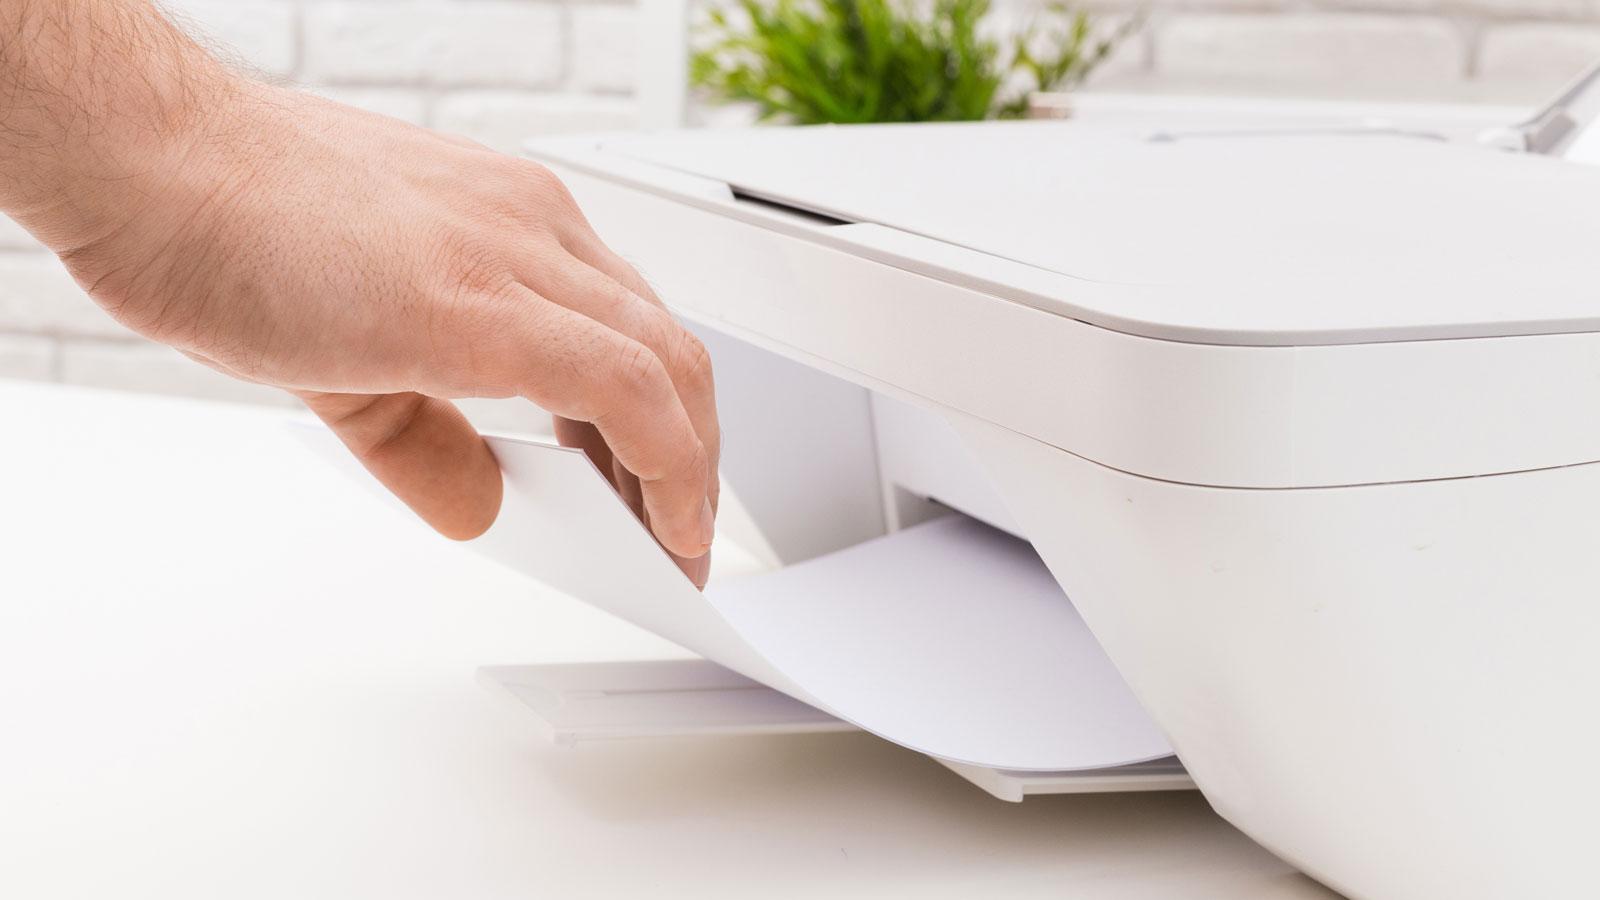 Drucker papiersparend drucken